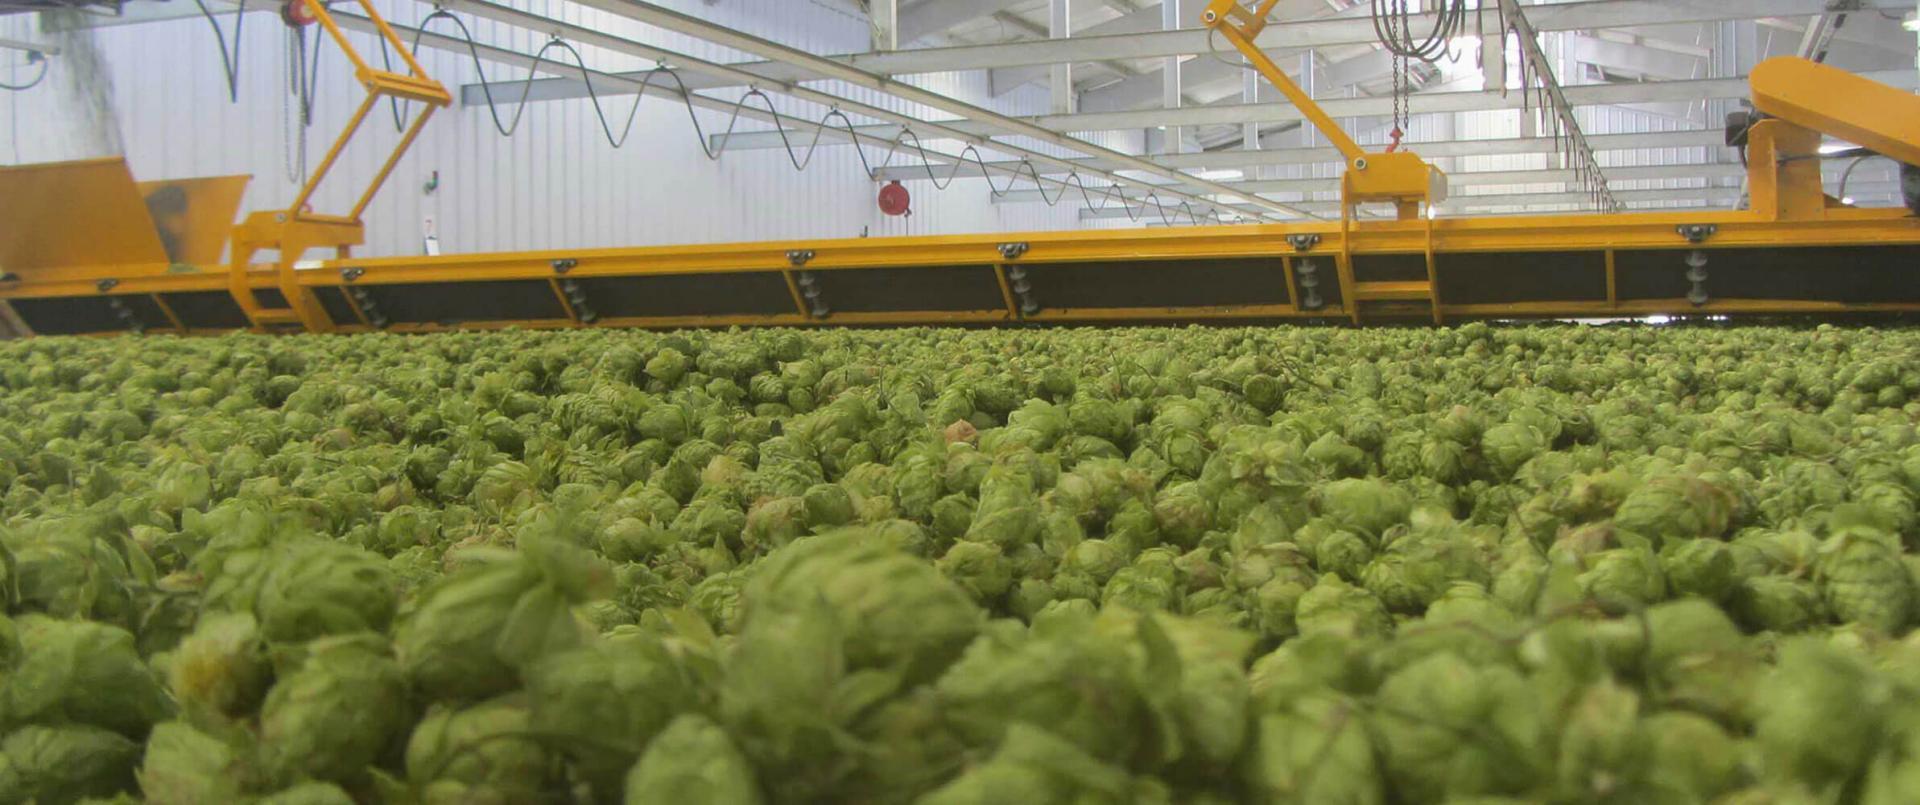 MillerCoors Our Beers